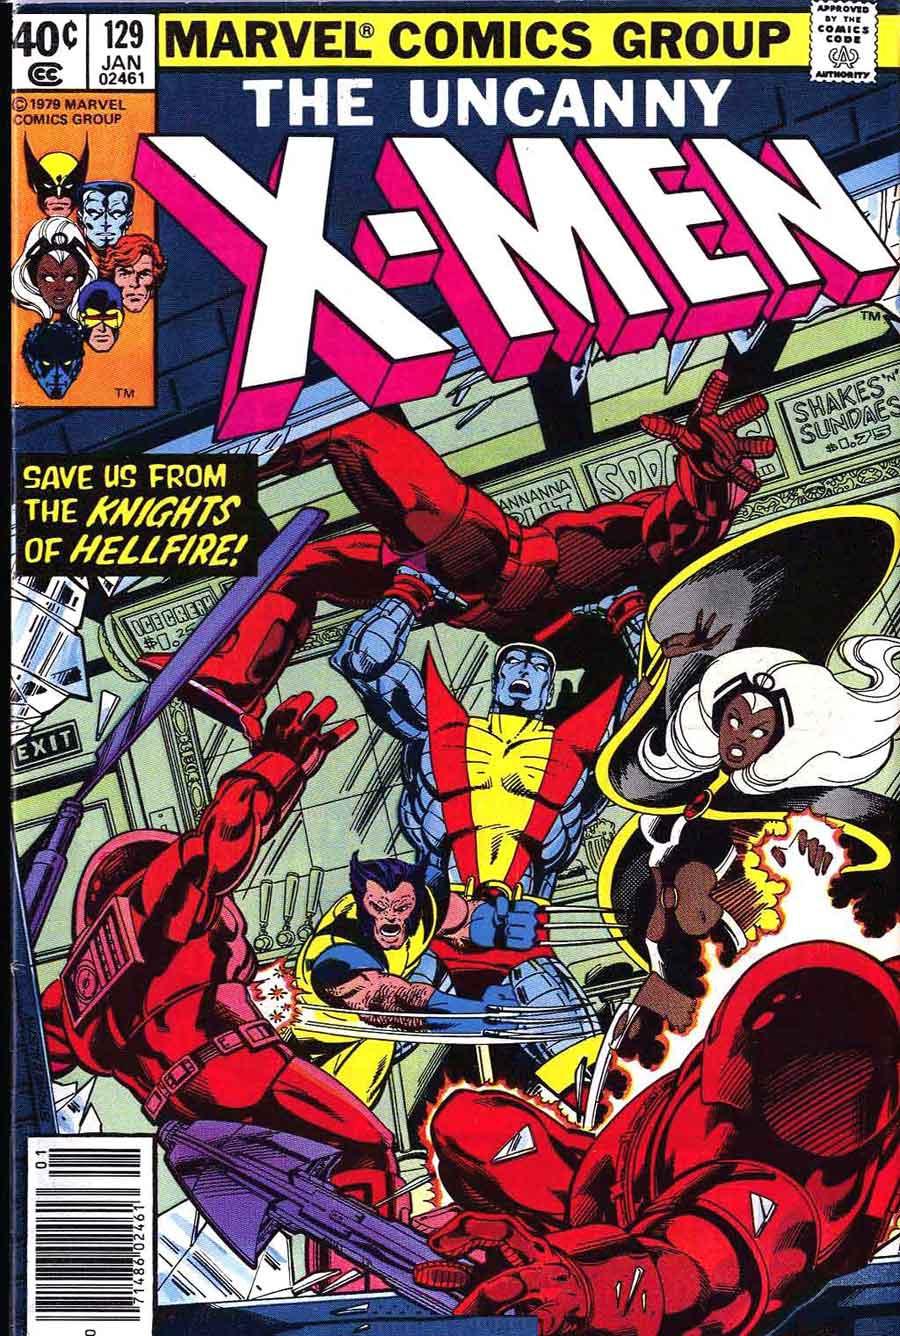 X-men v1 #129 marvel comic book cover art by John Byrne